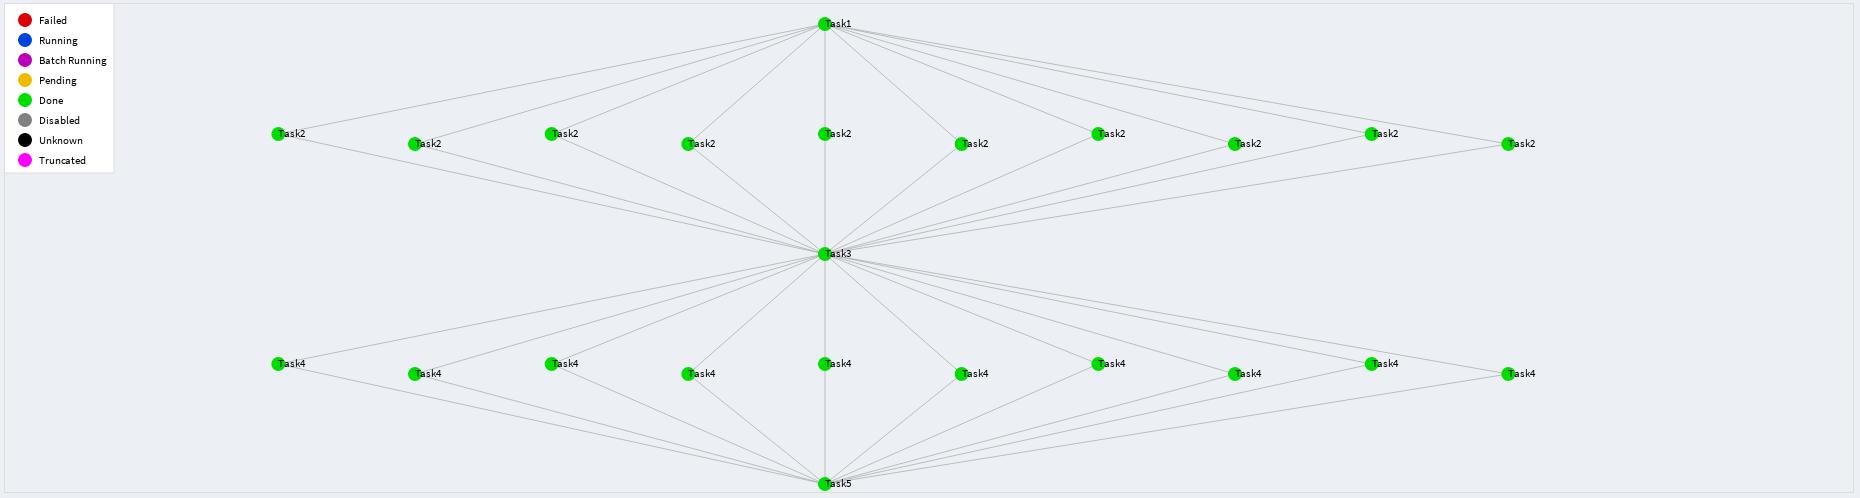 Обзор фреймворка Luigi для построения последовательностей выполнения задач - 11